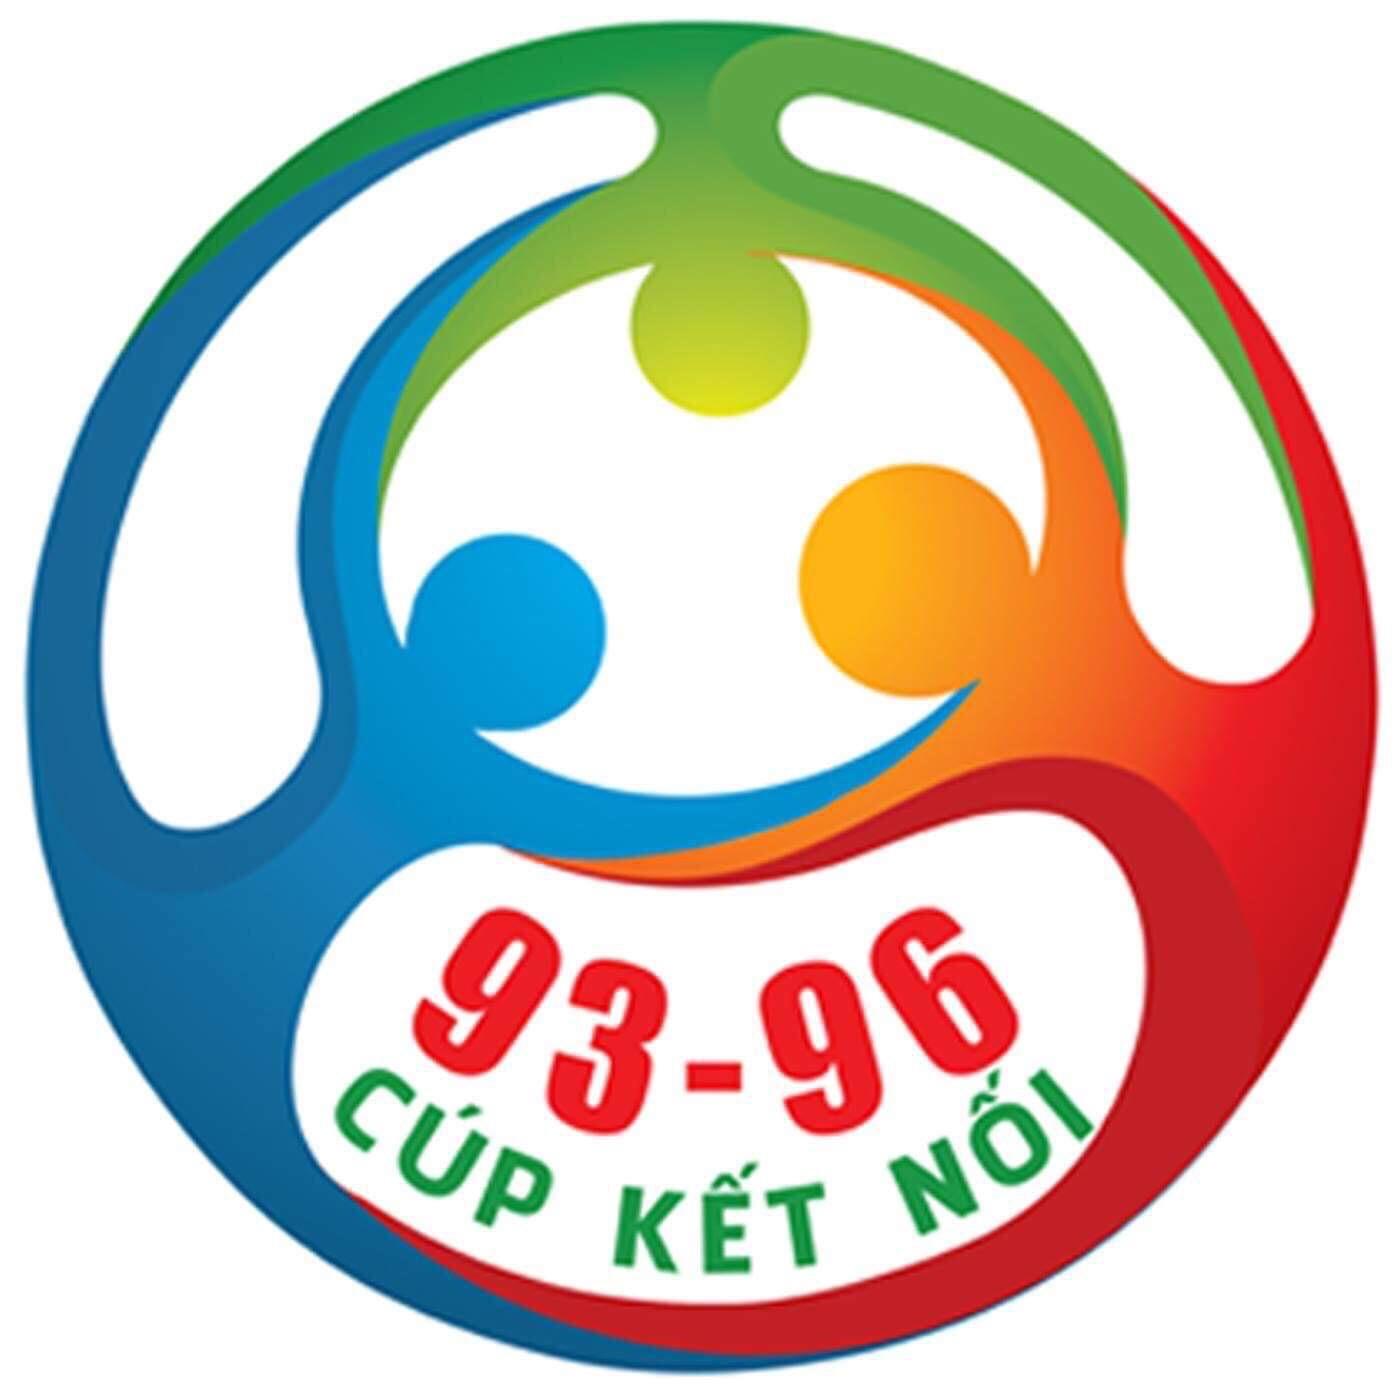 ĐIỀU LỆ GIẢI BÓNG ĐÁ CUP KẾT NỐI 2019